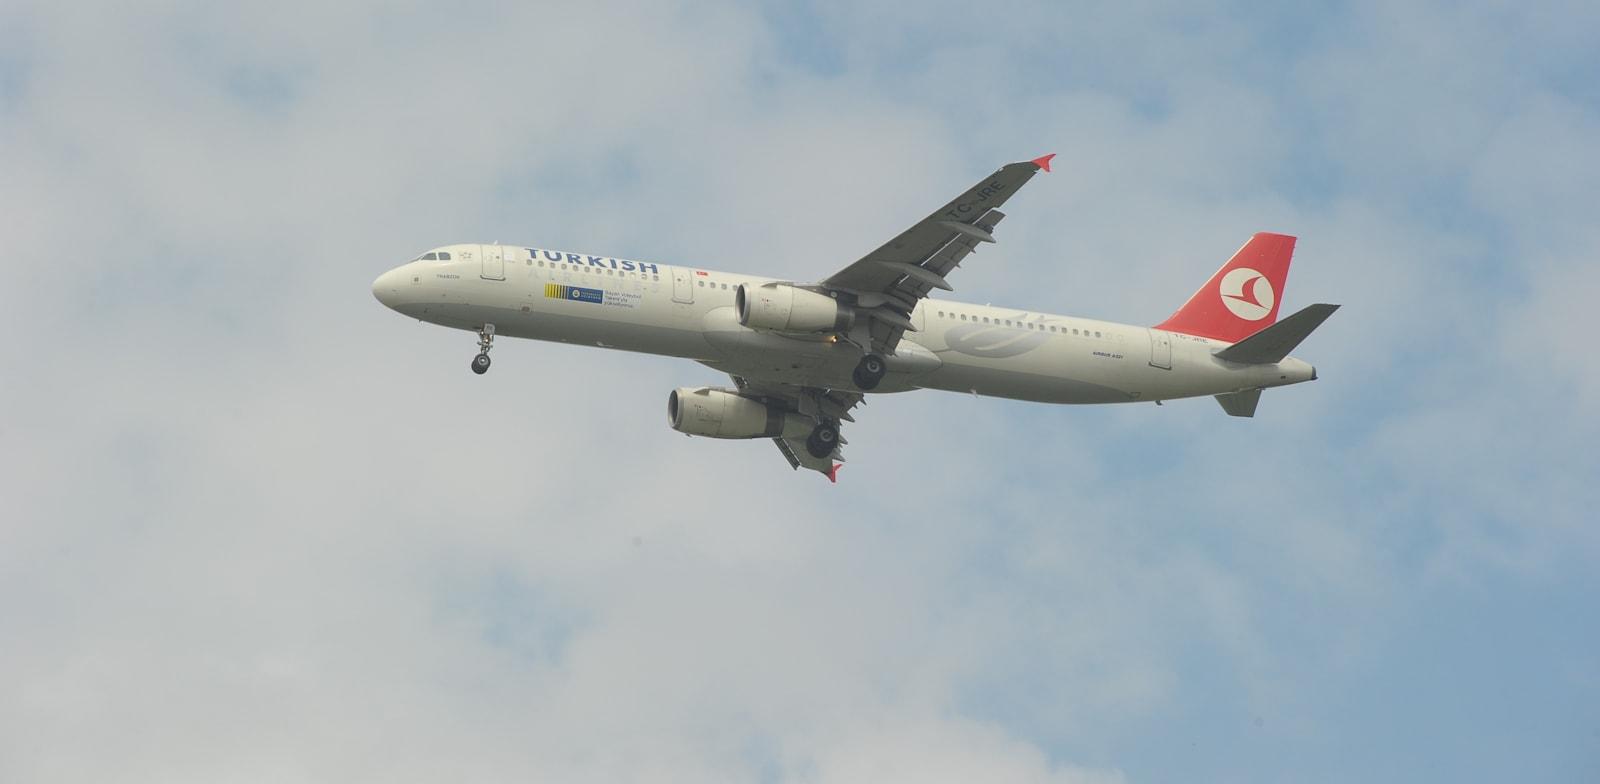 מטוס של טורקיש איירליינס / צילום: איל יצהר